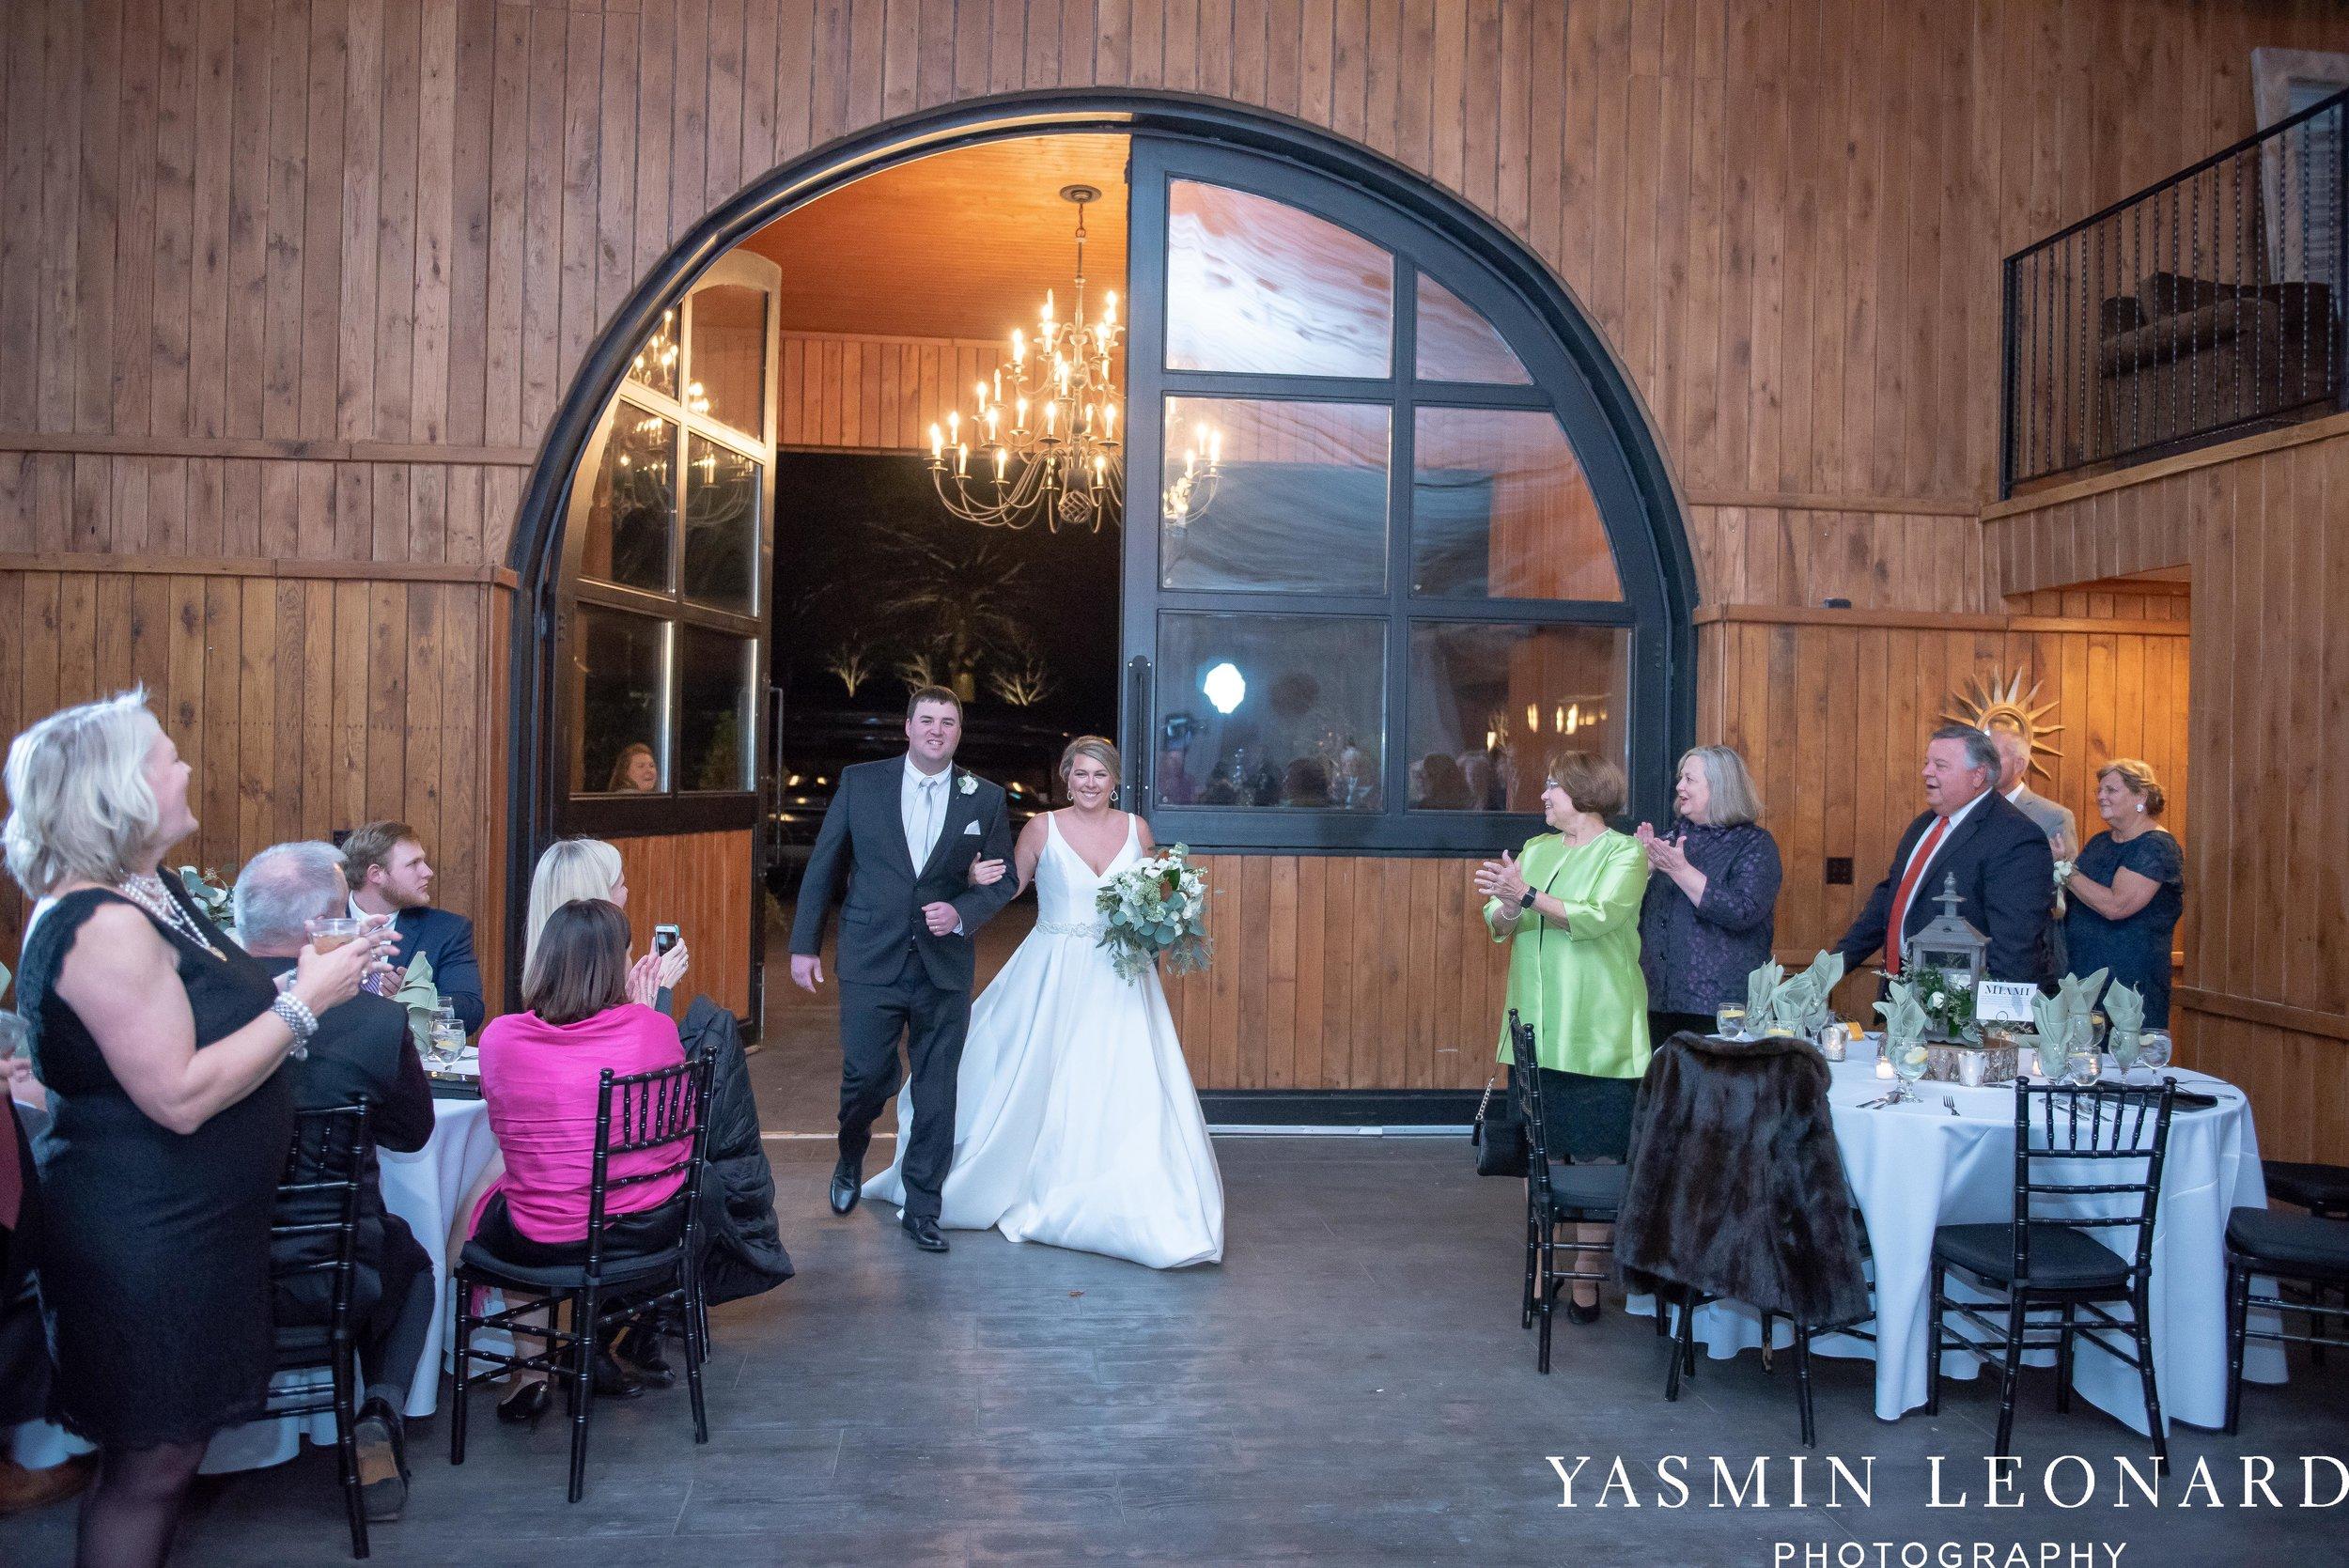 Adaumont Farm - Wesley Memorial Weddings - High Point Weddings - Just Priceless - NC Wedding Photographer - Yasmin Leonard Photography - High Point Wedding Vendors-57.jpg